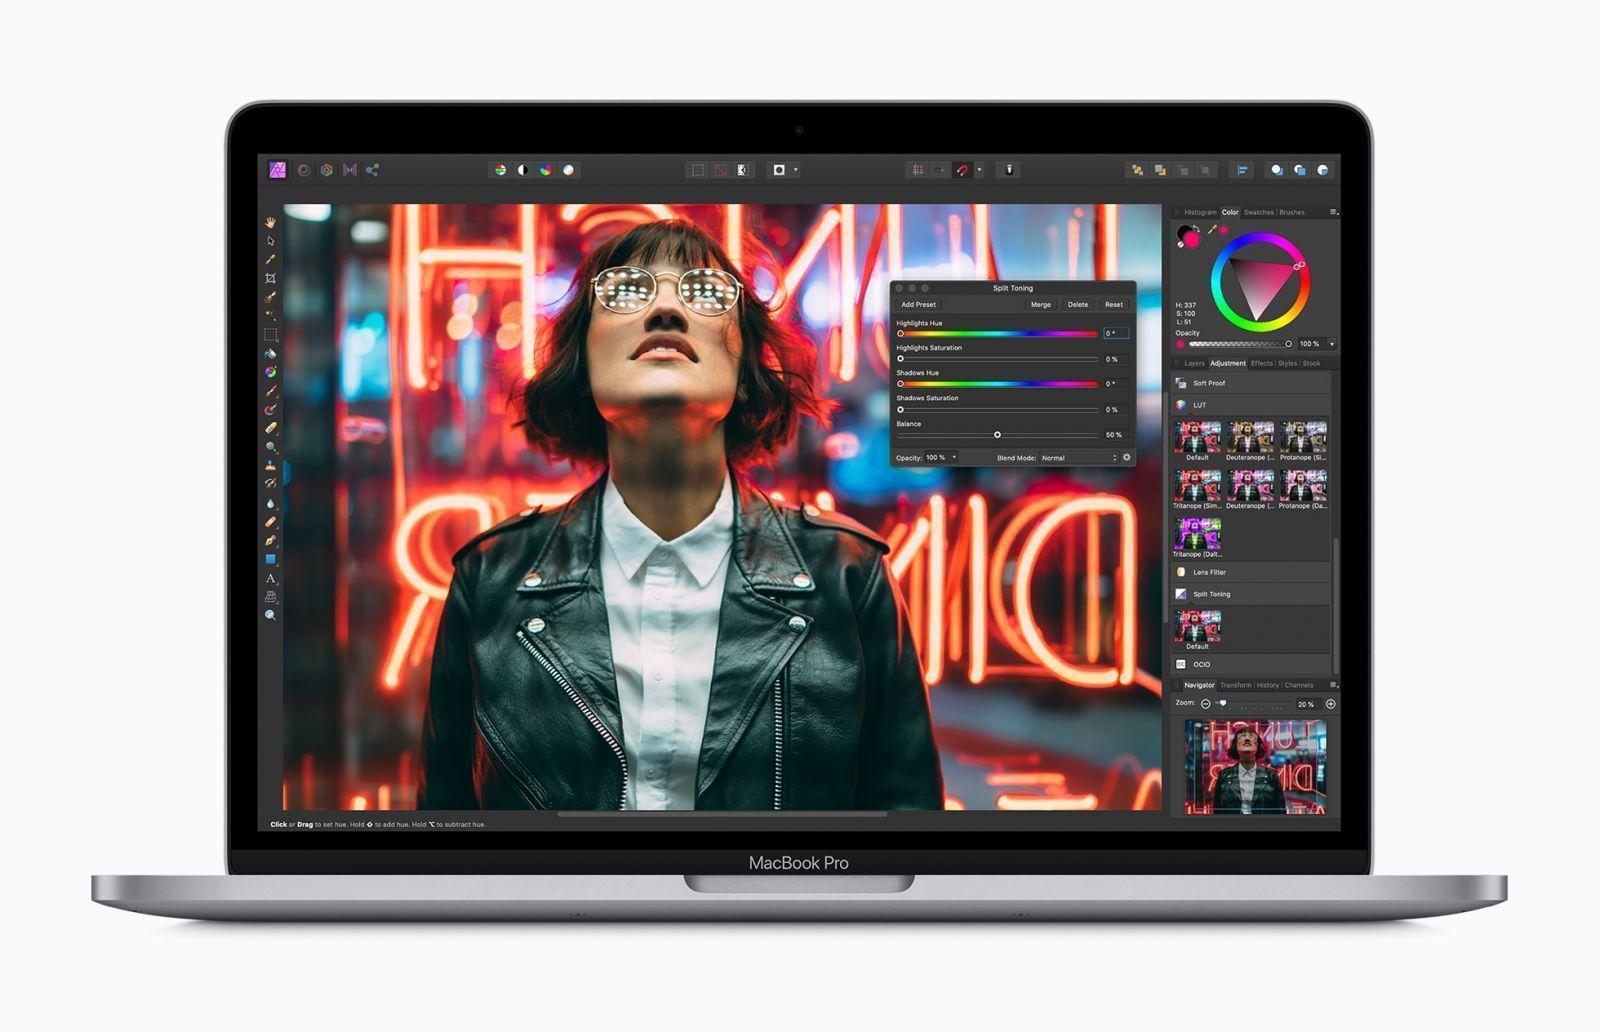 Новый MacBook Pro 13 дюймов появился в продаже (2 1)